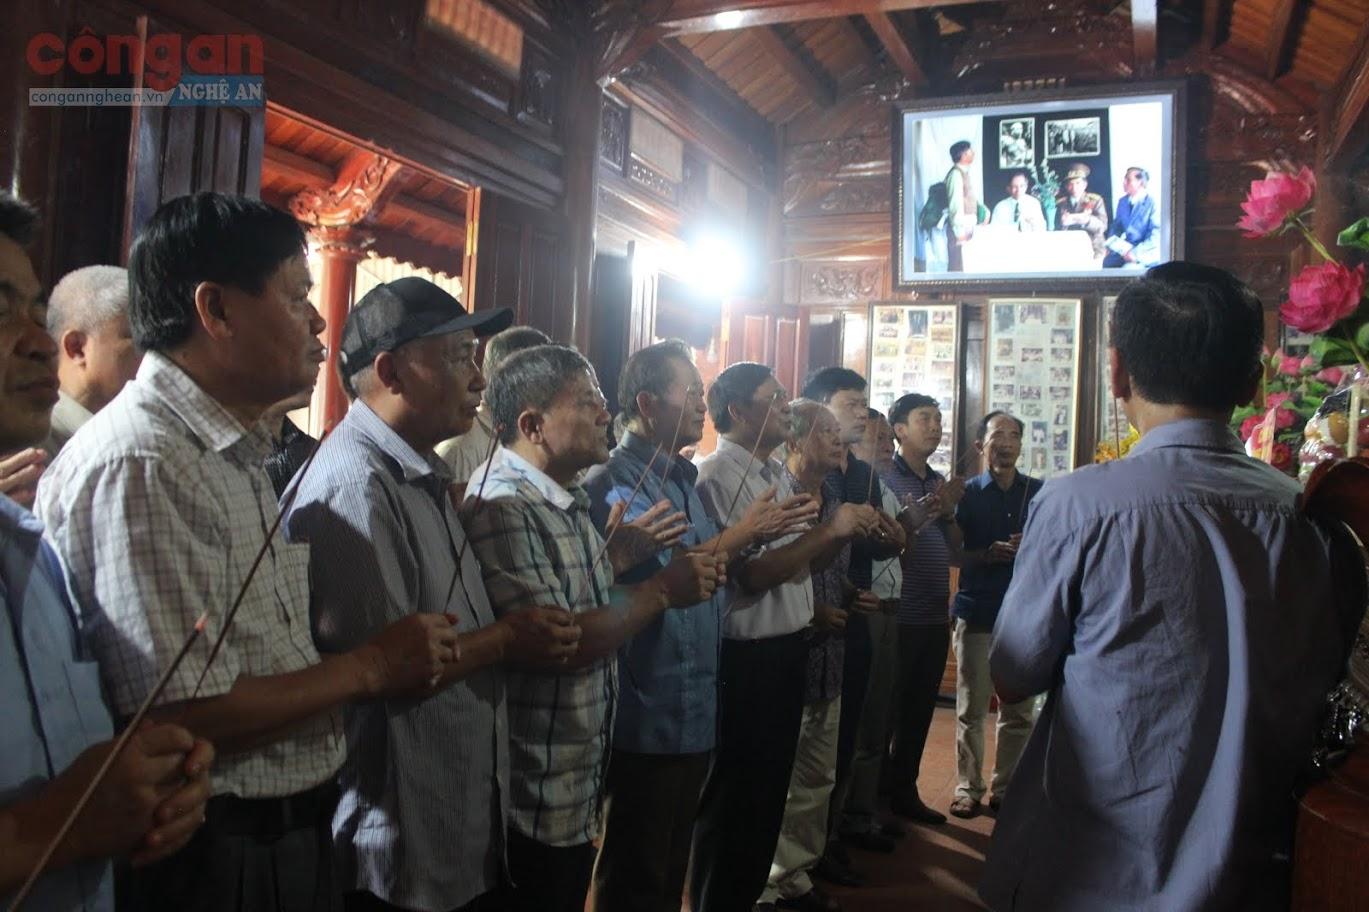 Dâng hoa, dâng hương bày tỏ lòng biết ơn vô hạn đối với công lao to lớn của Thiếu tướng Lê Văn Khiêu, vị Thiếu tướng đầu tiên của Công an Nghệ Tĩnh.